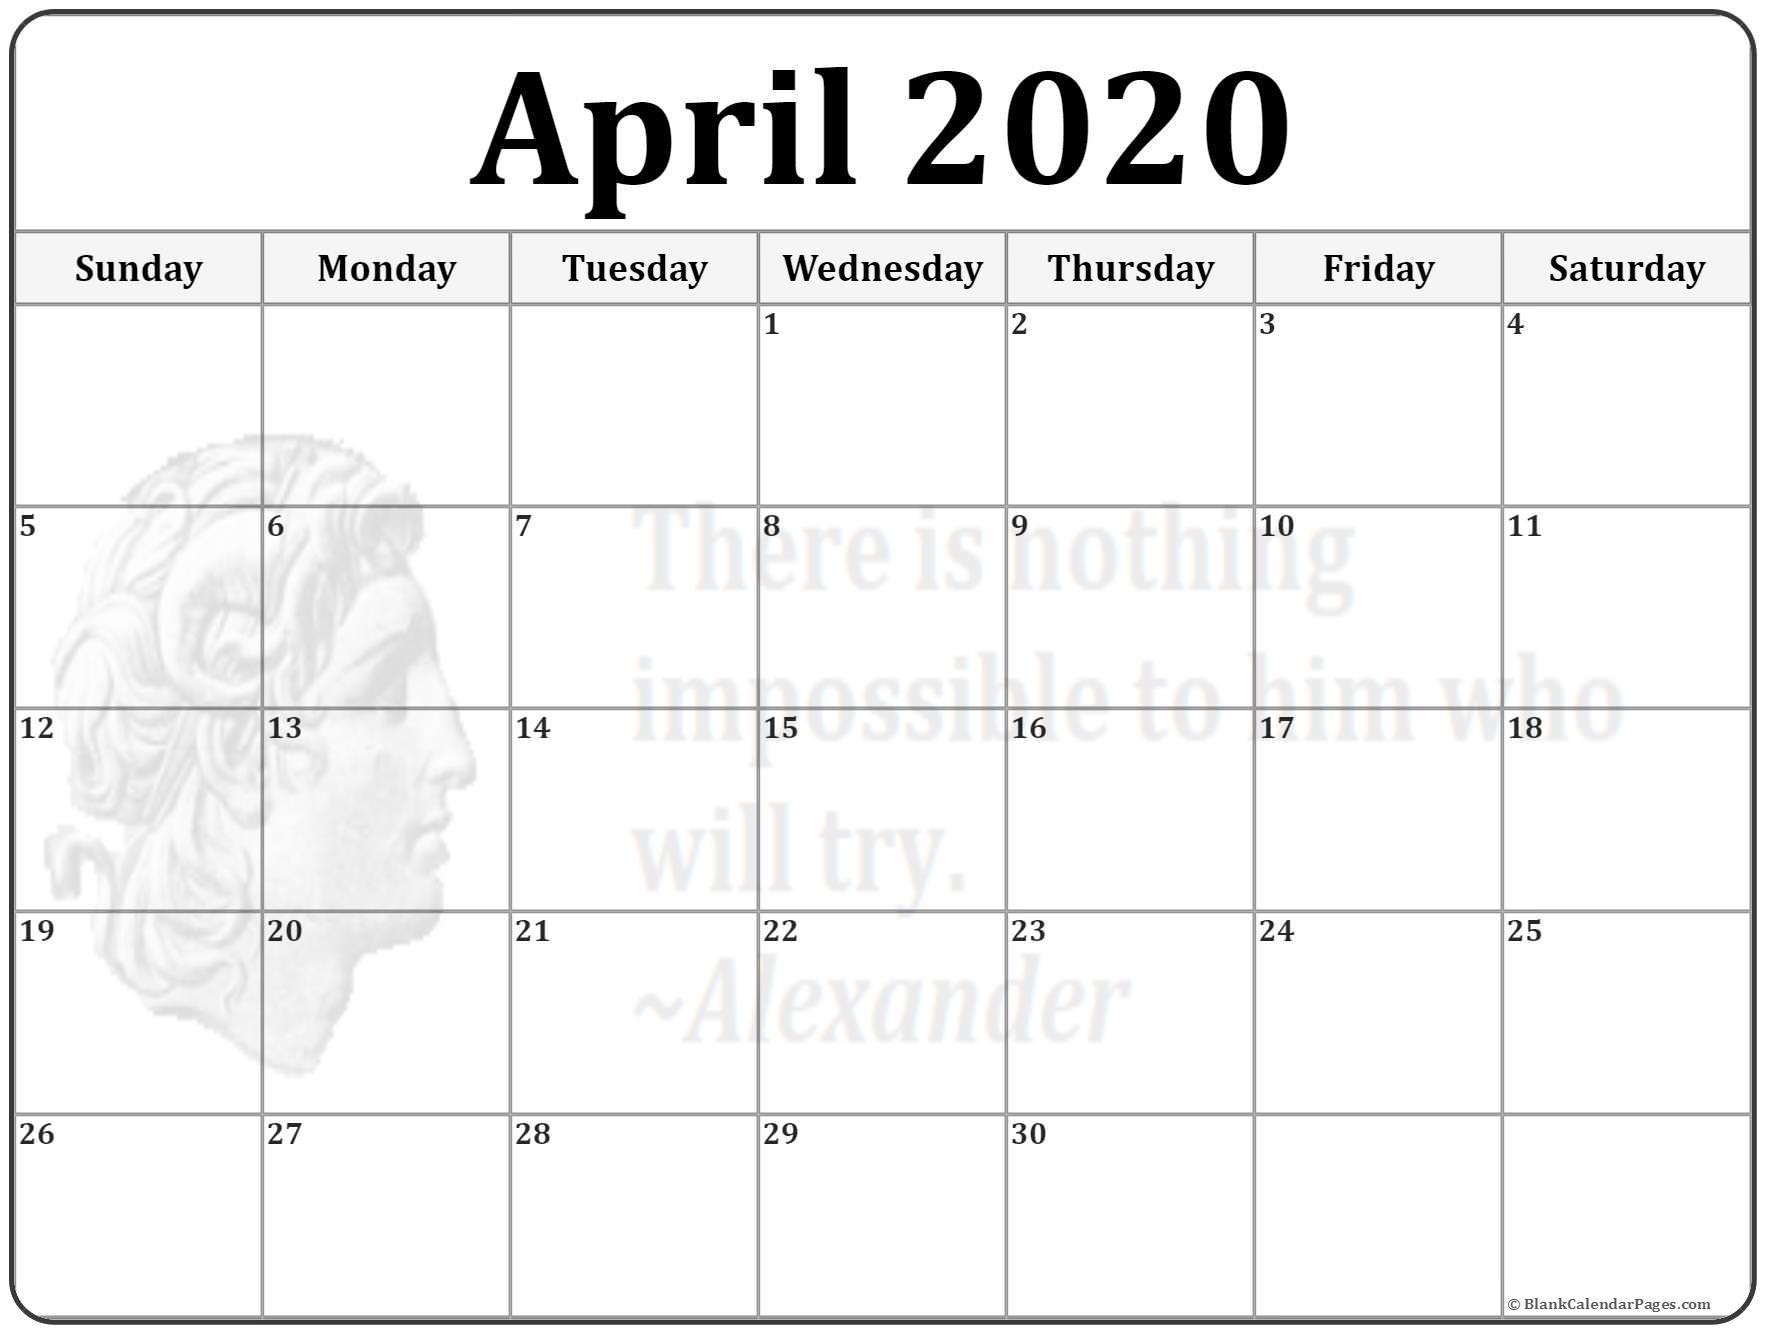 April 2020 Calendar Printable April 2020 Calendar